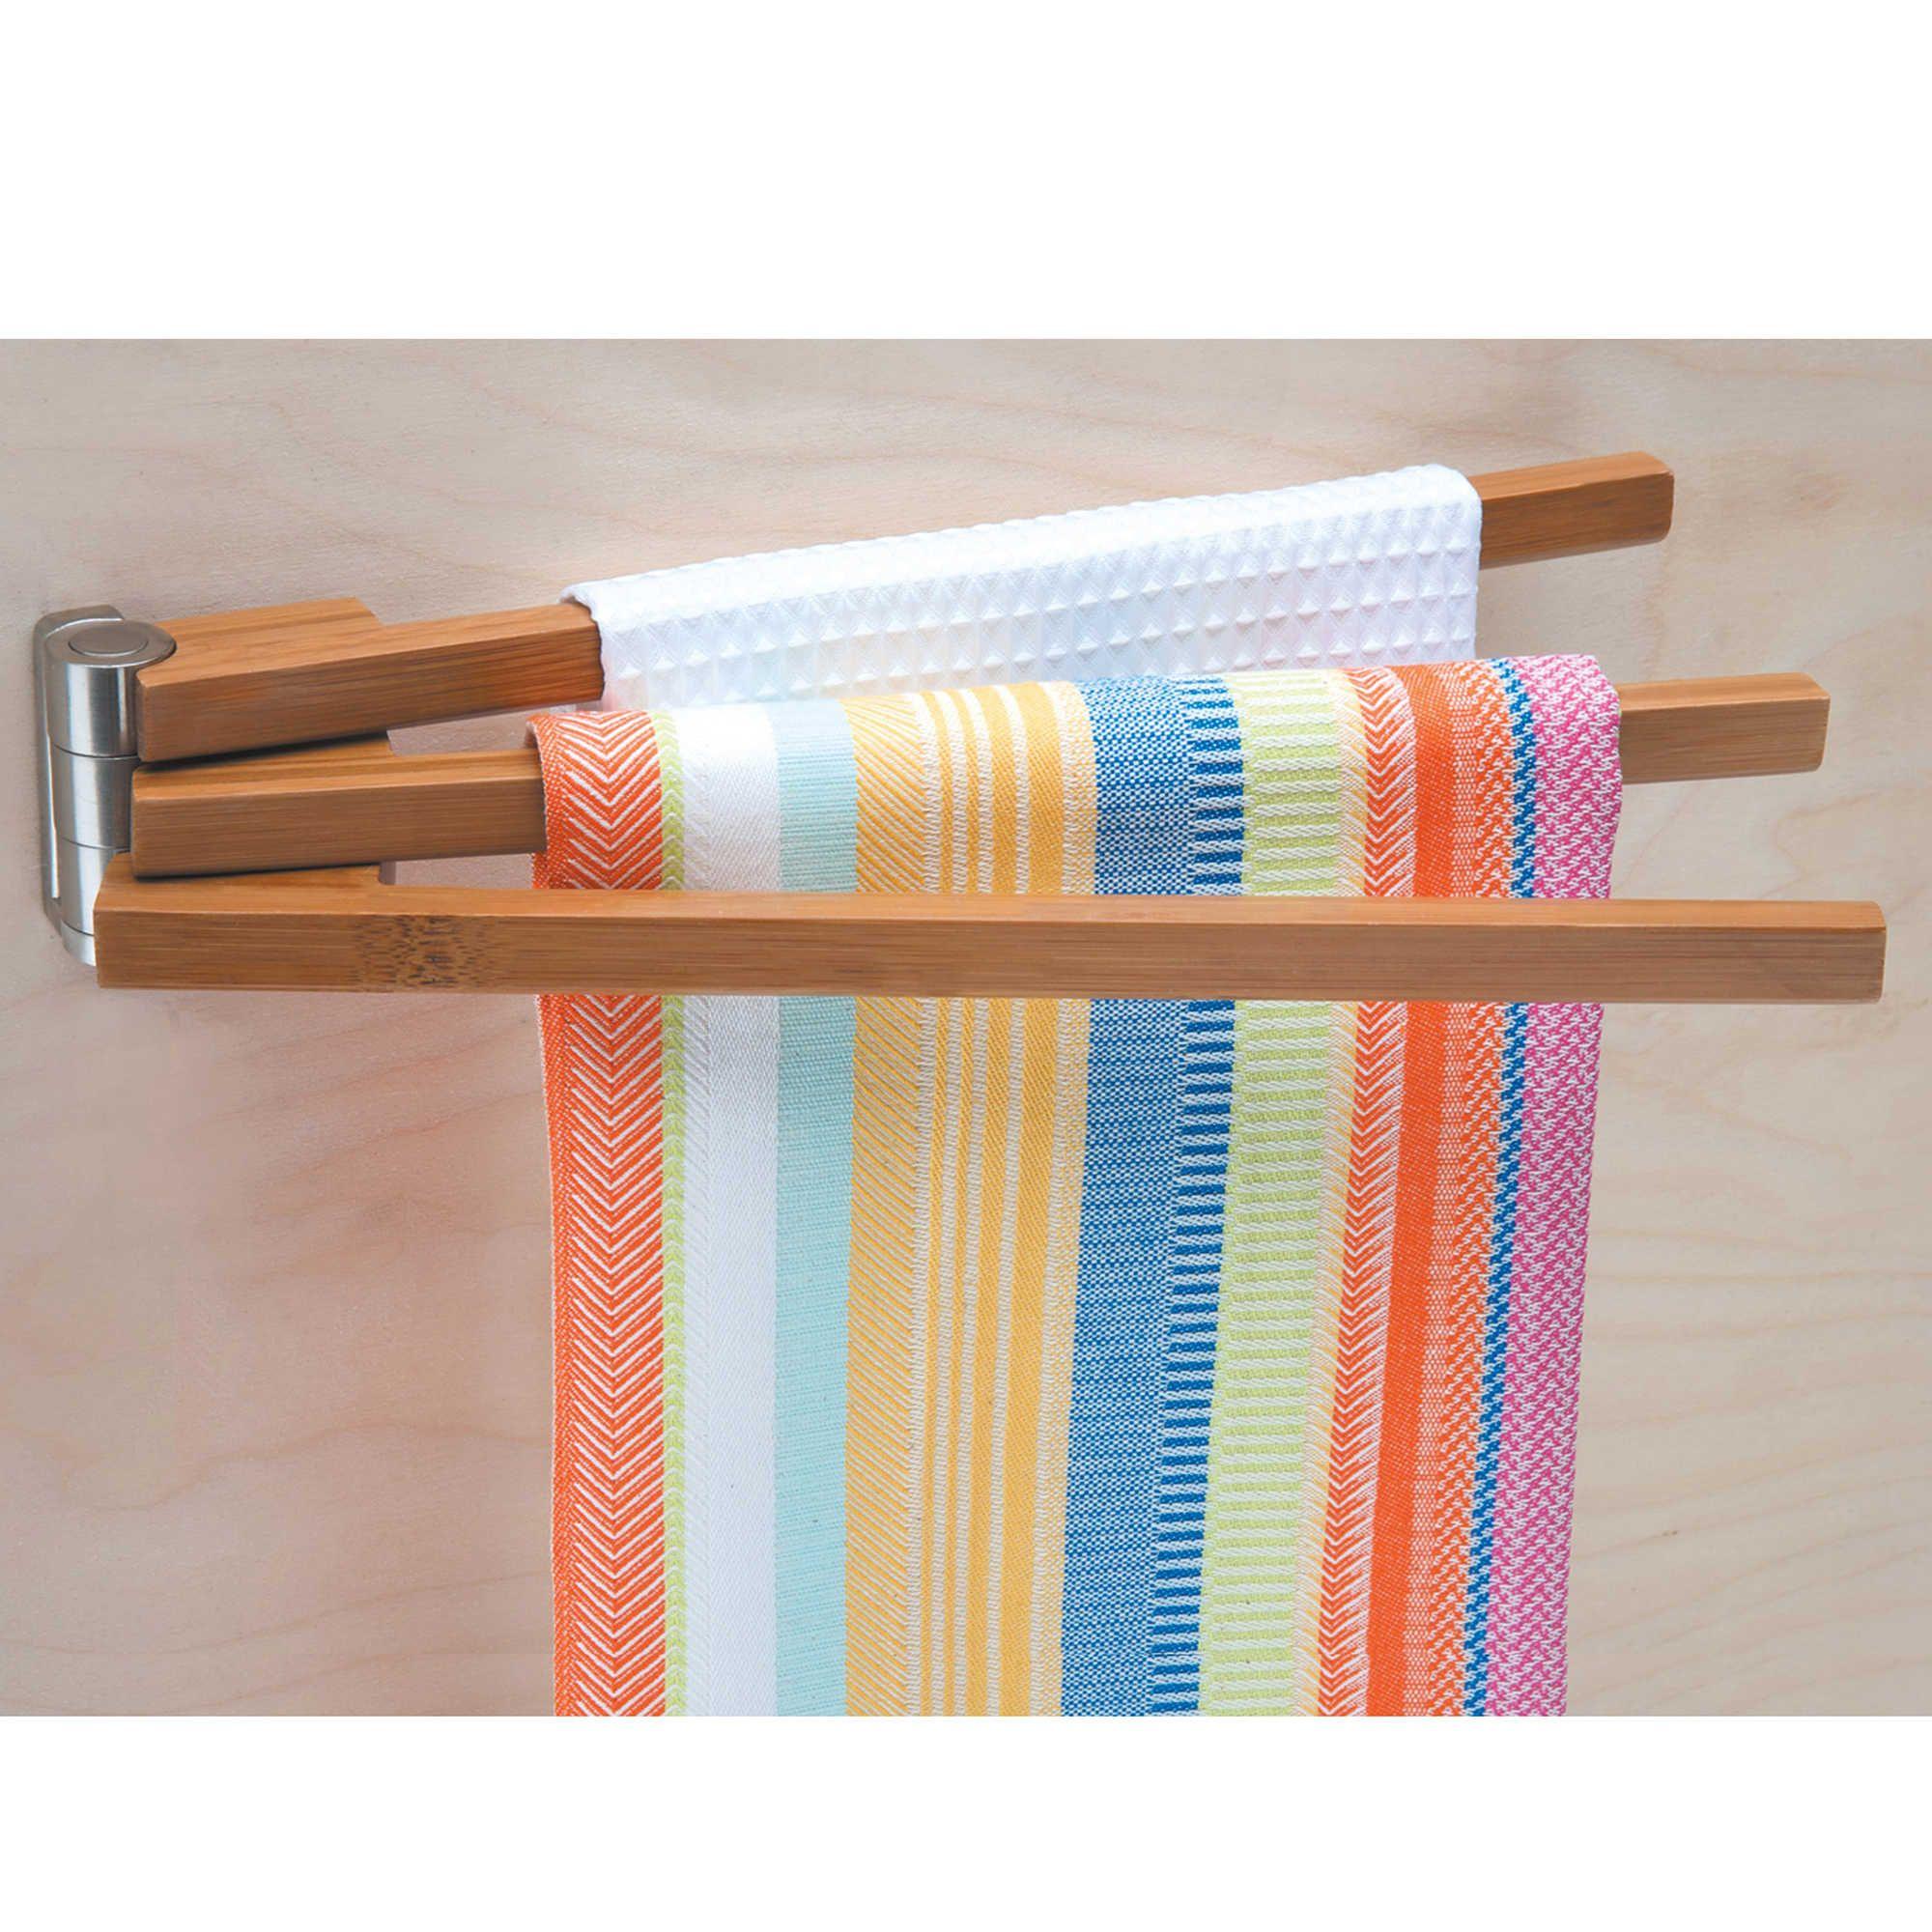 Wall Mounted Bamboo 3 Arm Towel Bar Kitchen Towel Rack Bamboo Towels Tea Towel Display